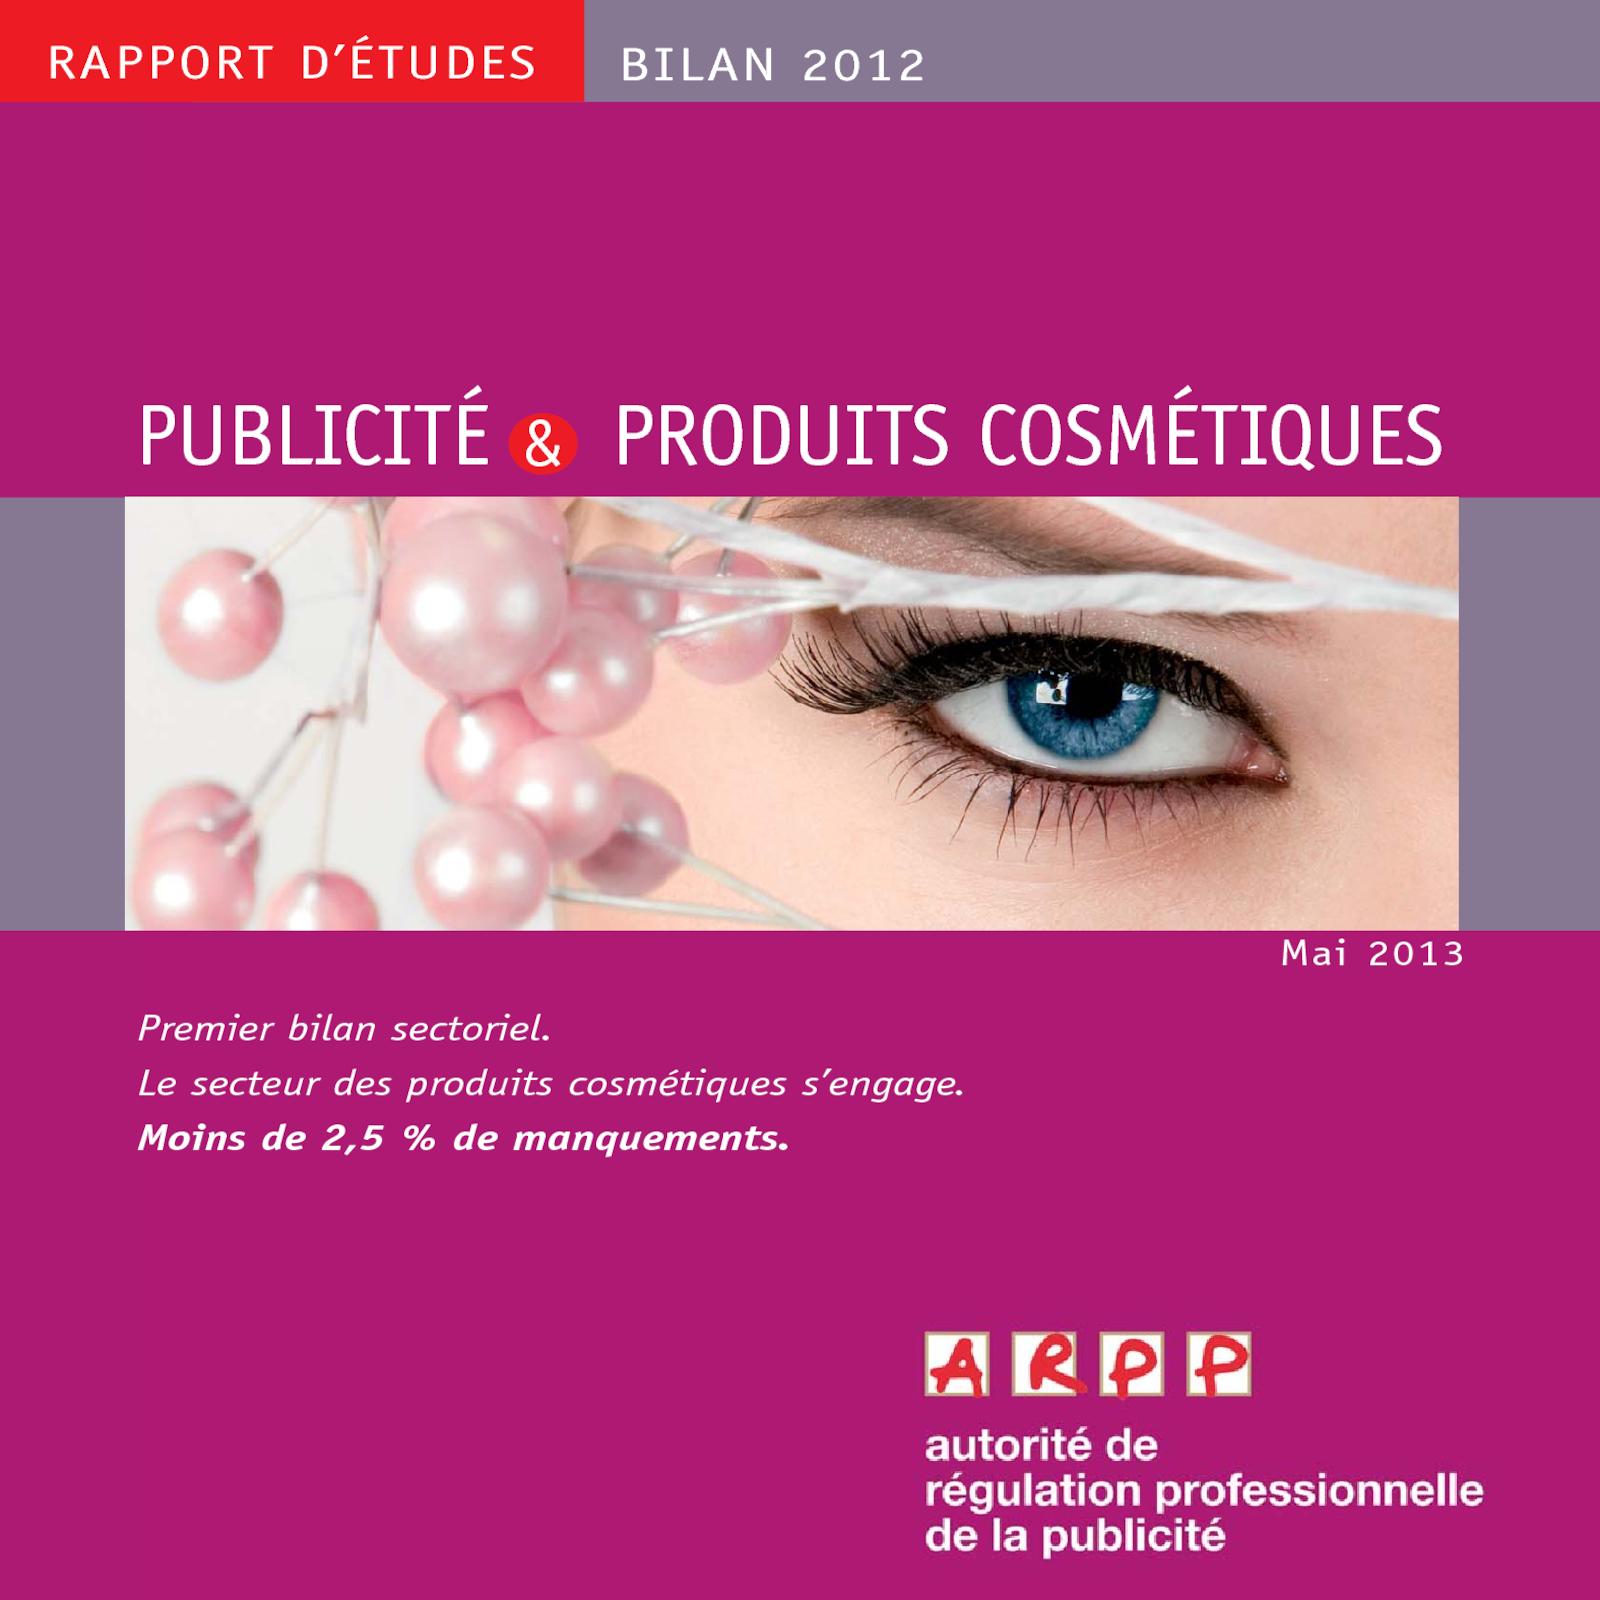 Bilan Publicité et Produits Cosmétiques 2012